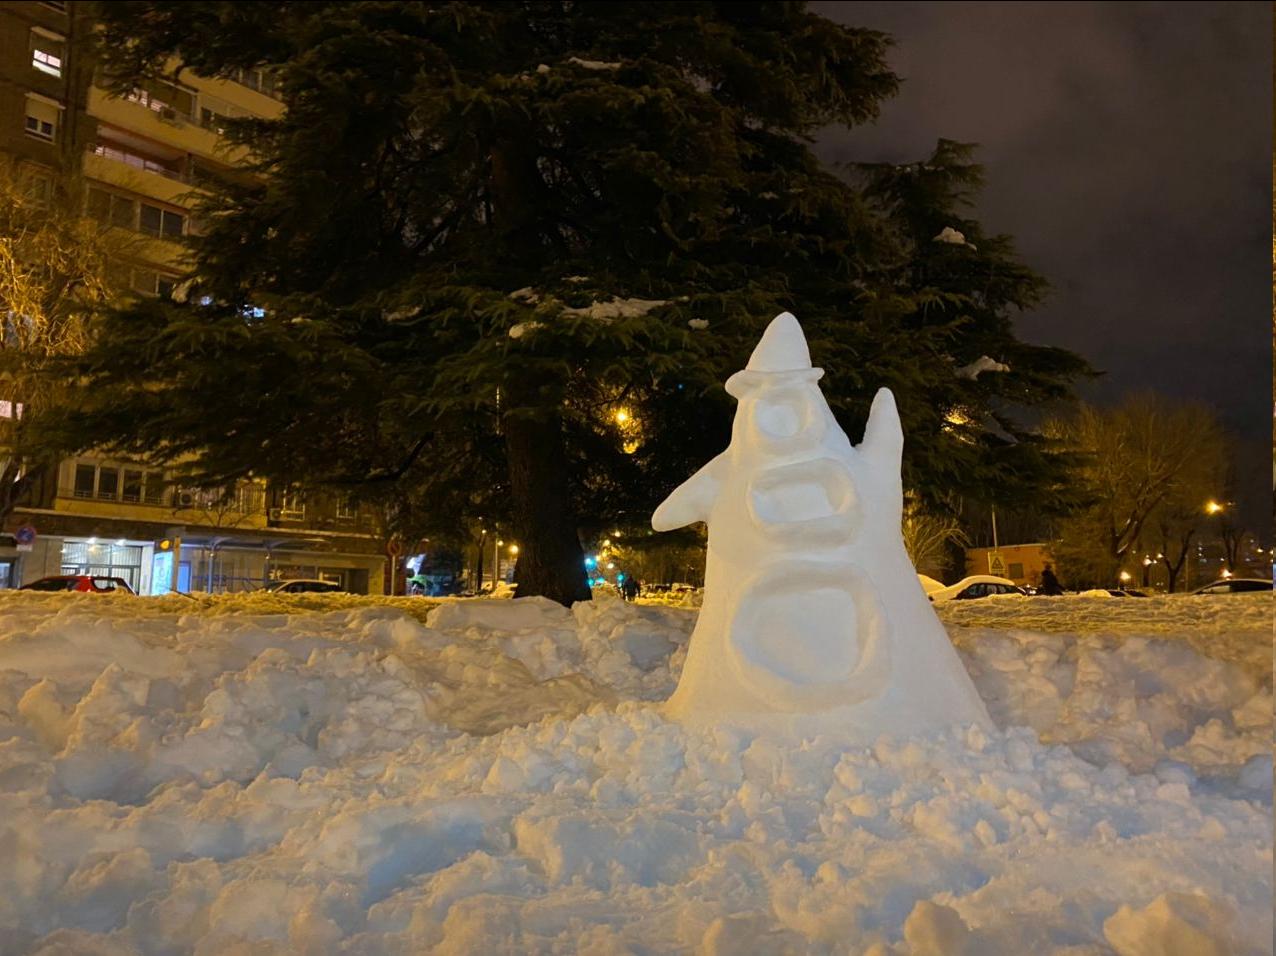 Escultura en nieve de Púrpura de Day of the Tentacle